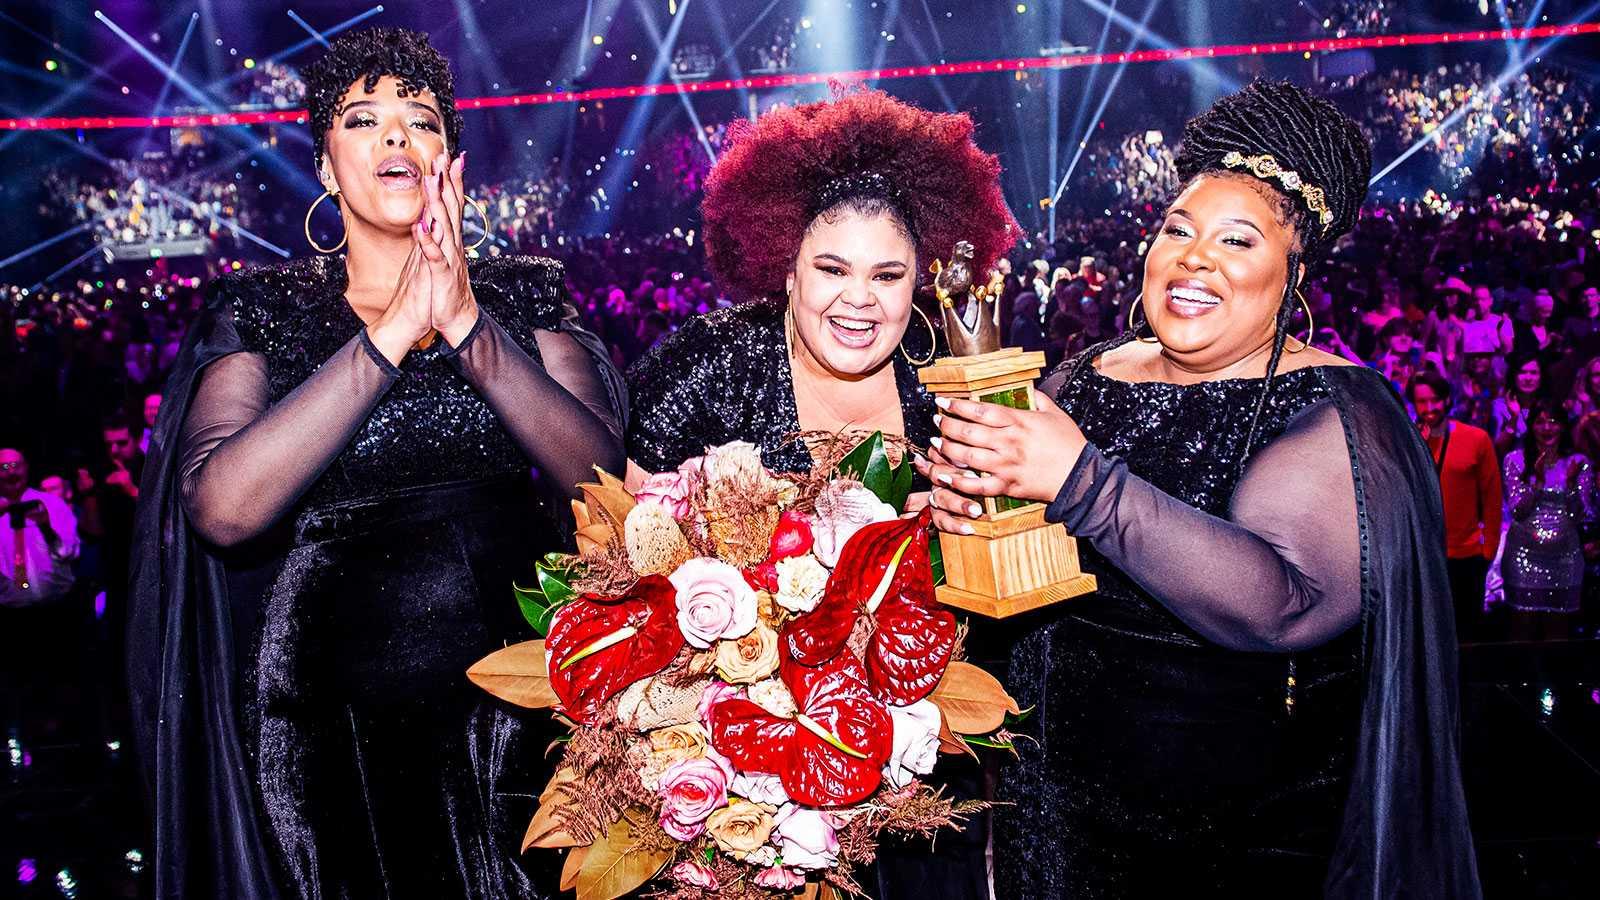 De föreslår en alternativ Eurovision song contest